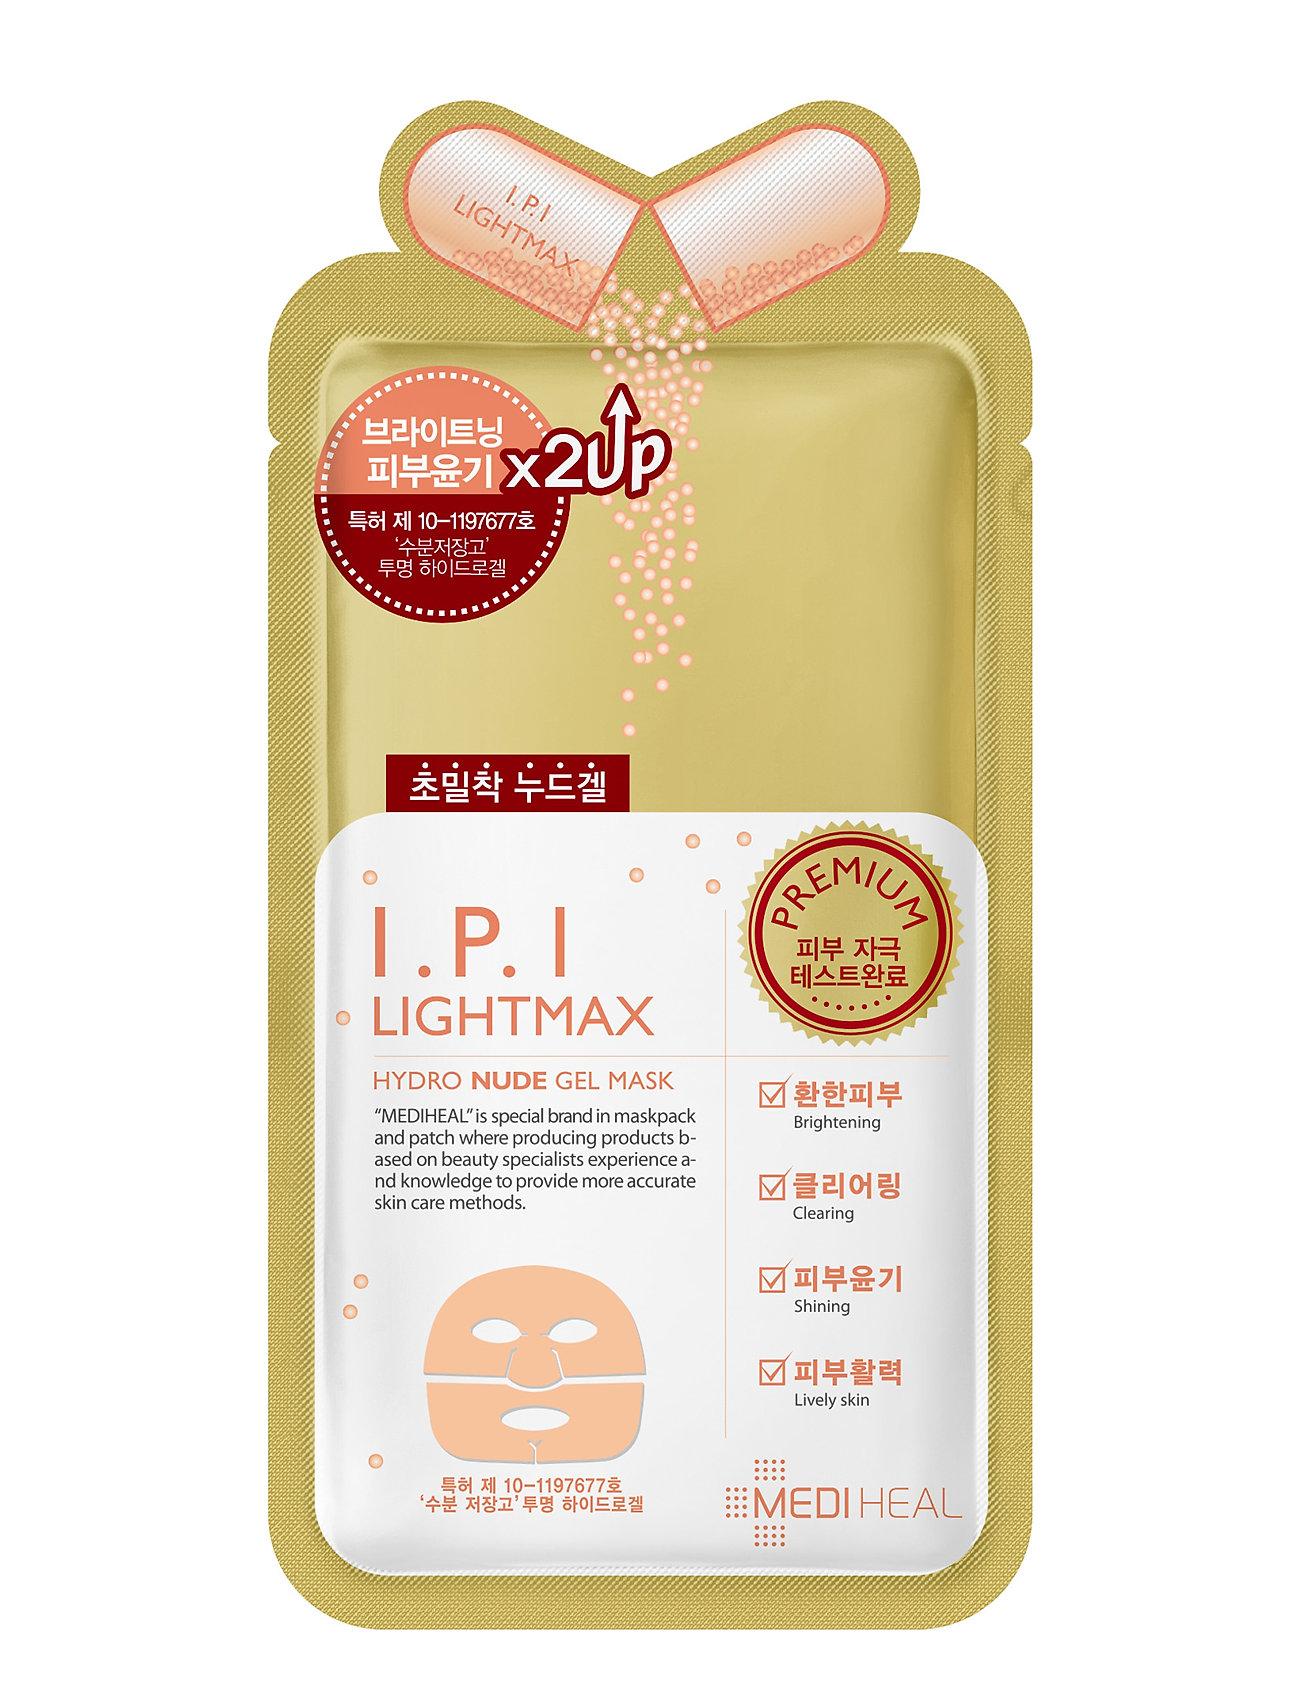 Mediheal Mediheal I.P.I Lightmax Nude Gel Mask - CLEAR